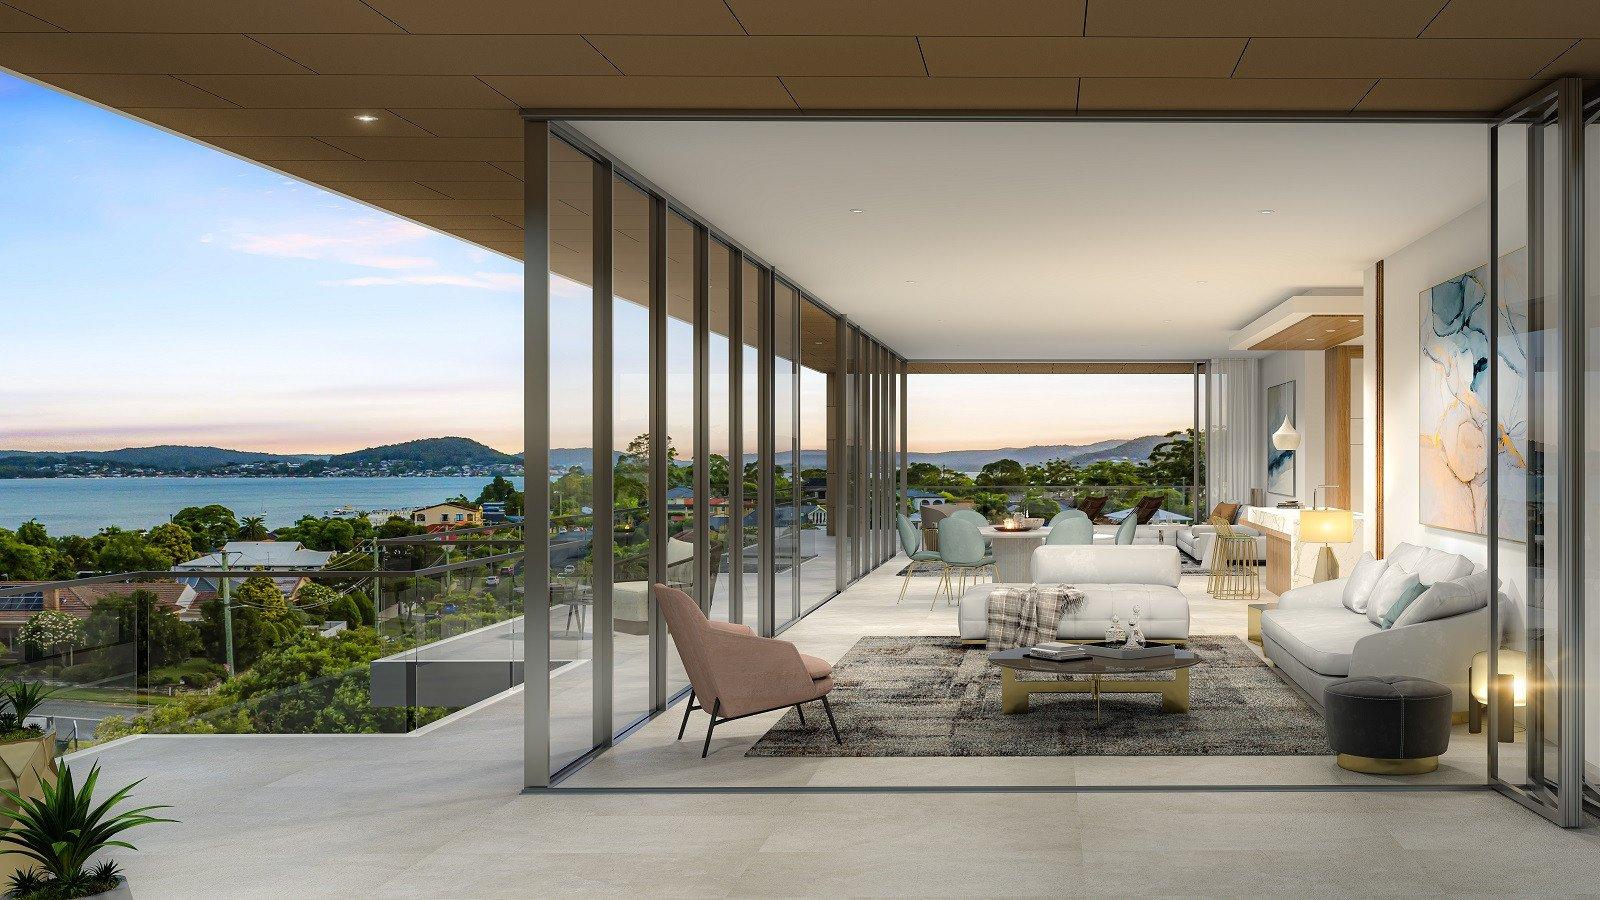 Azure Apartments-image-17